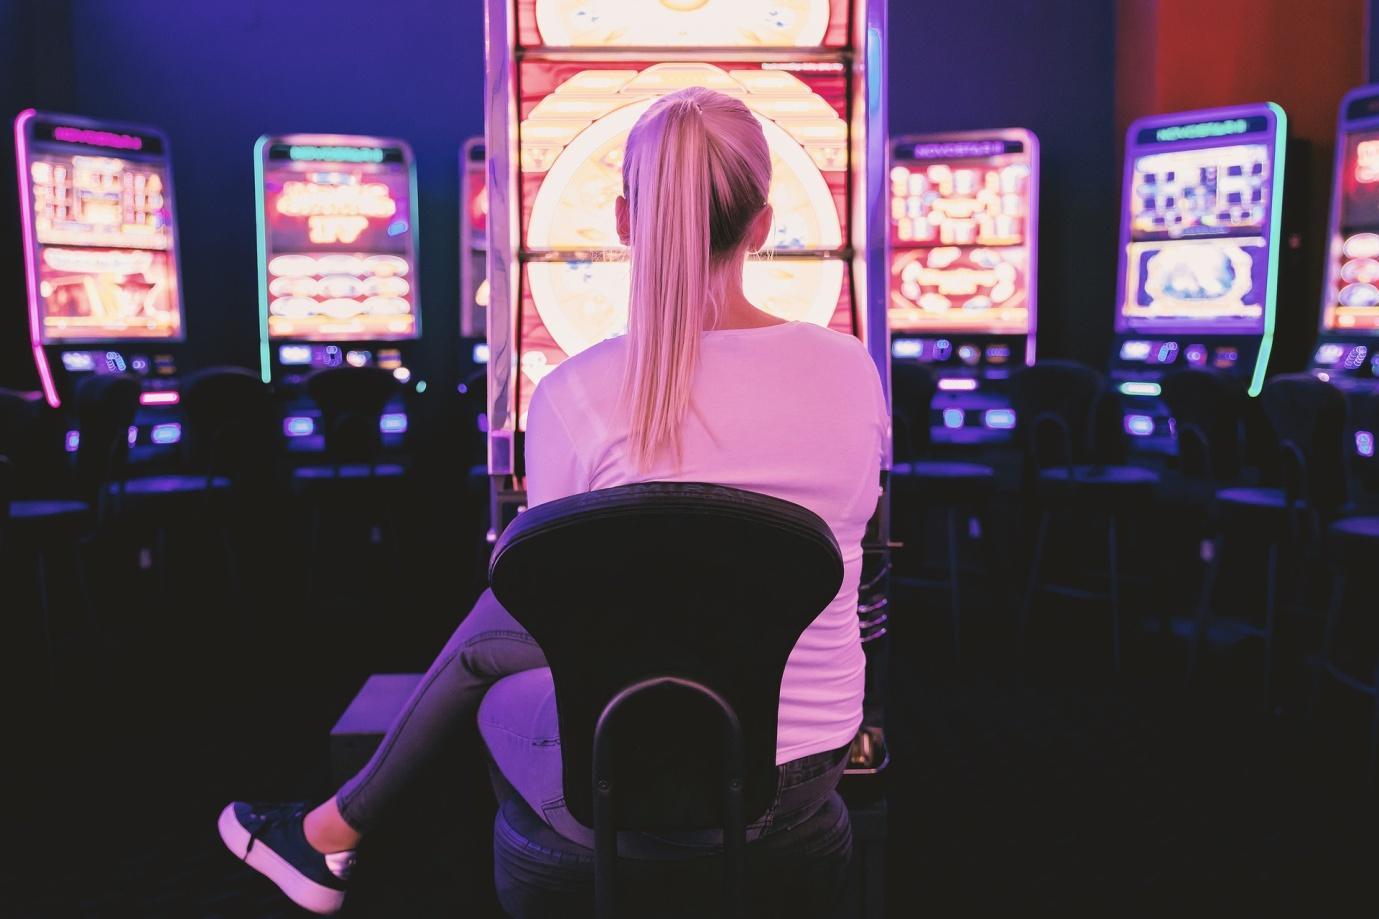 casino-3720812_1920.jpg